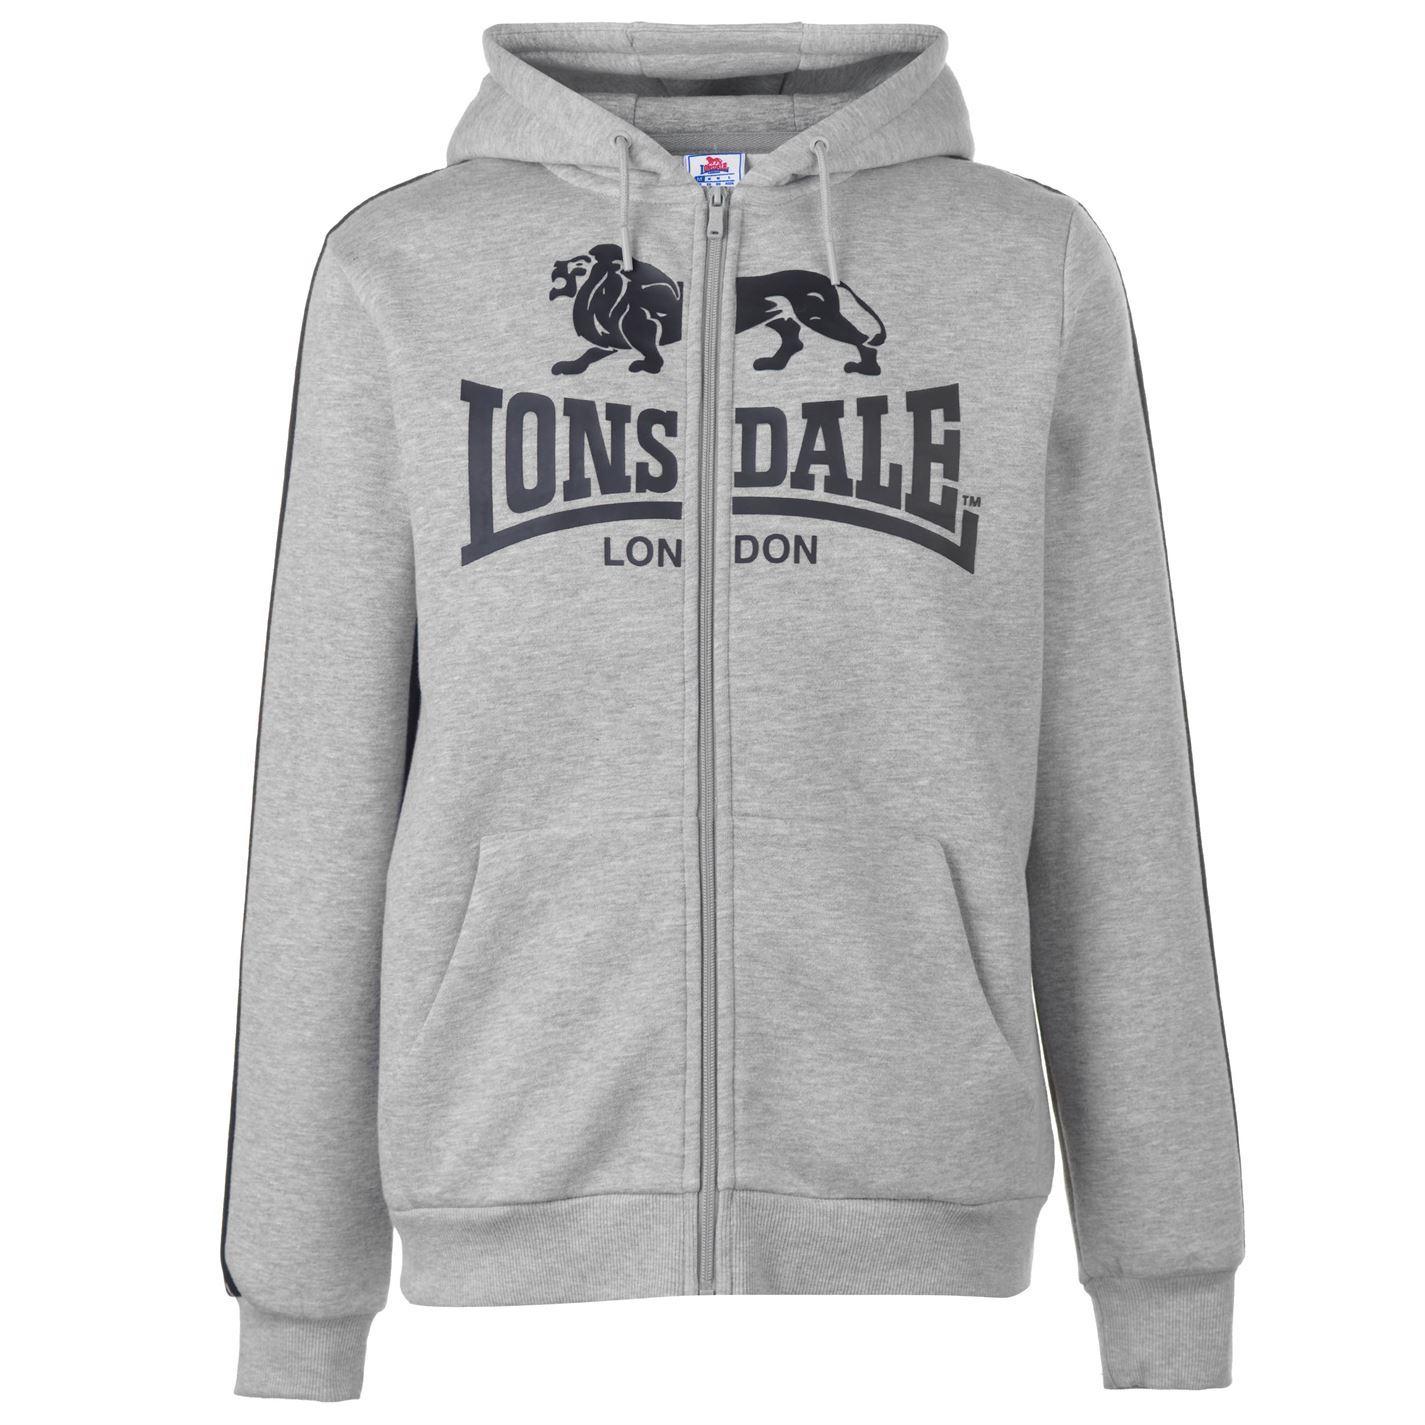 Lonsdale-2-Stripe-Logo-Full-Zip-Hoody-Mens-Hoodie-Top-Sweatshirt-Sweater thumbnail 14